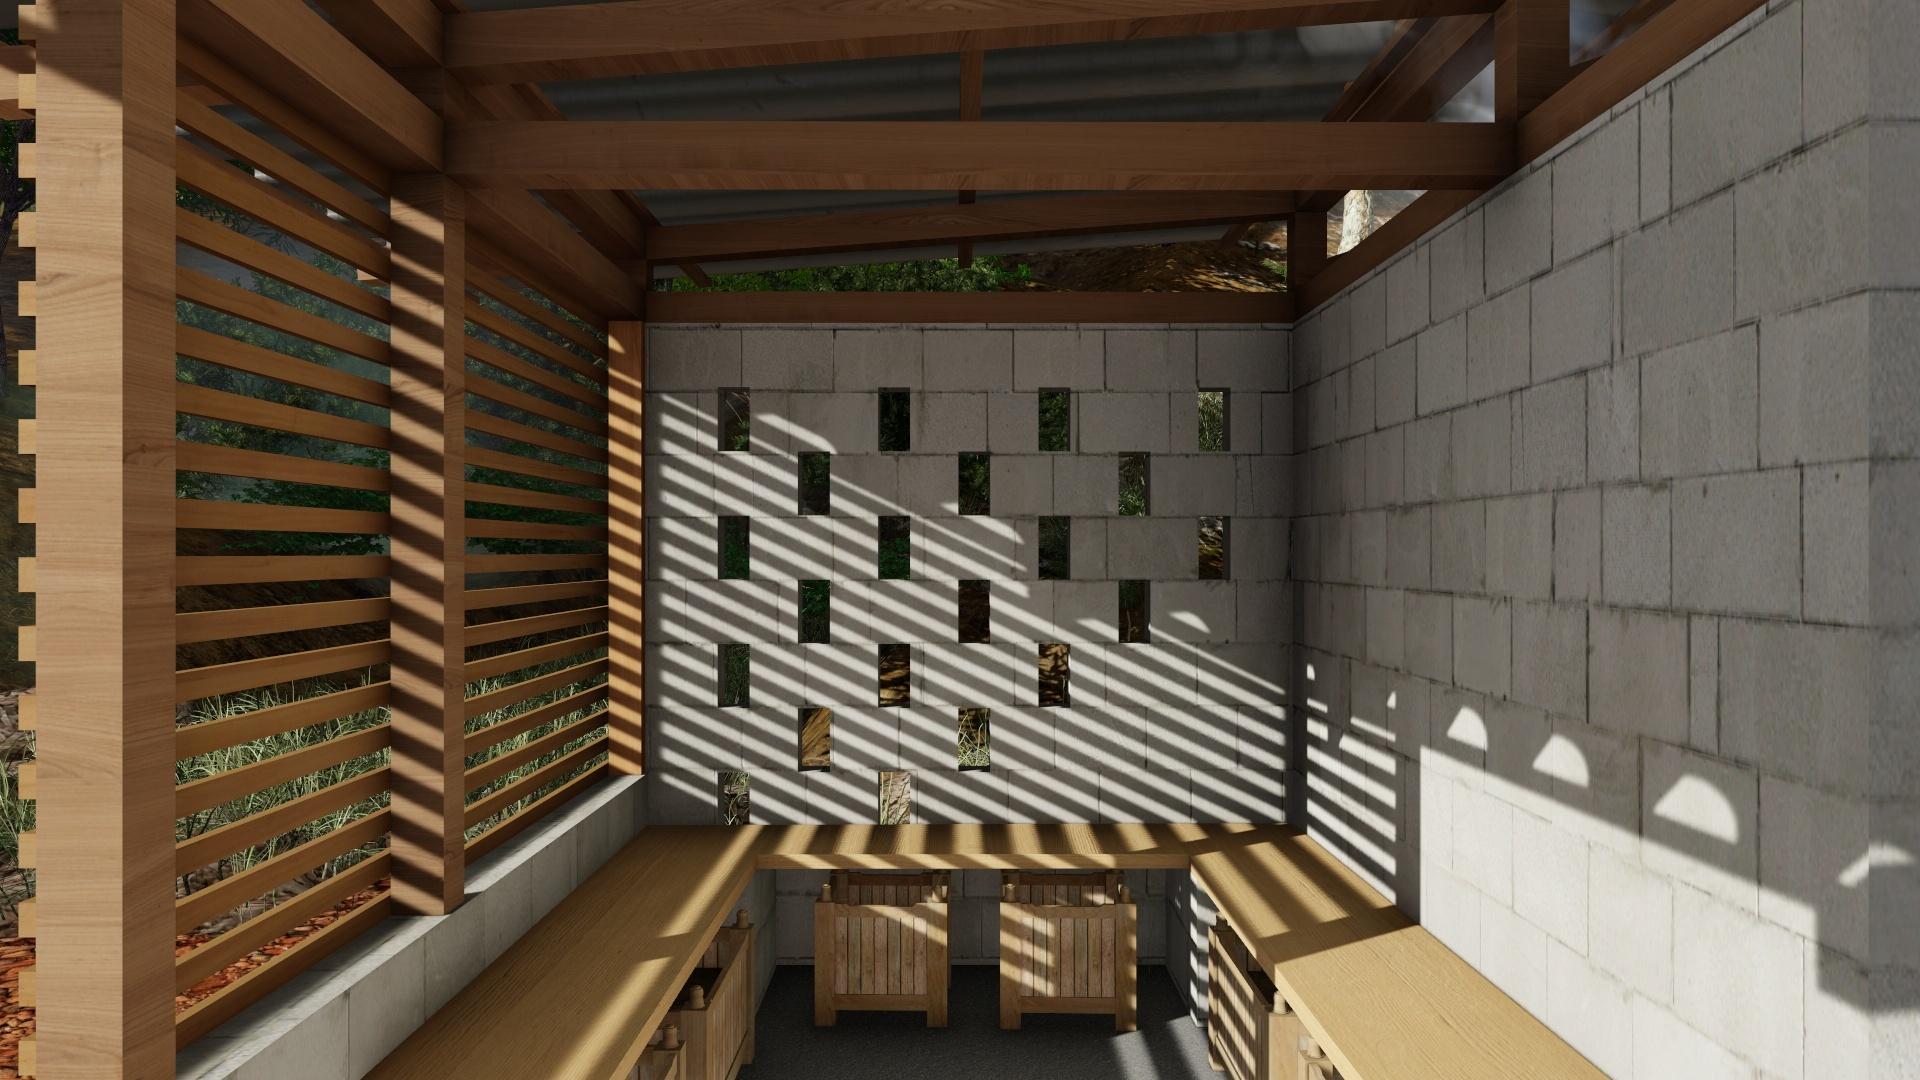 Estos proyectos estudiantiles buscan mejorar las for Arquitectura de proyectos